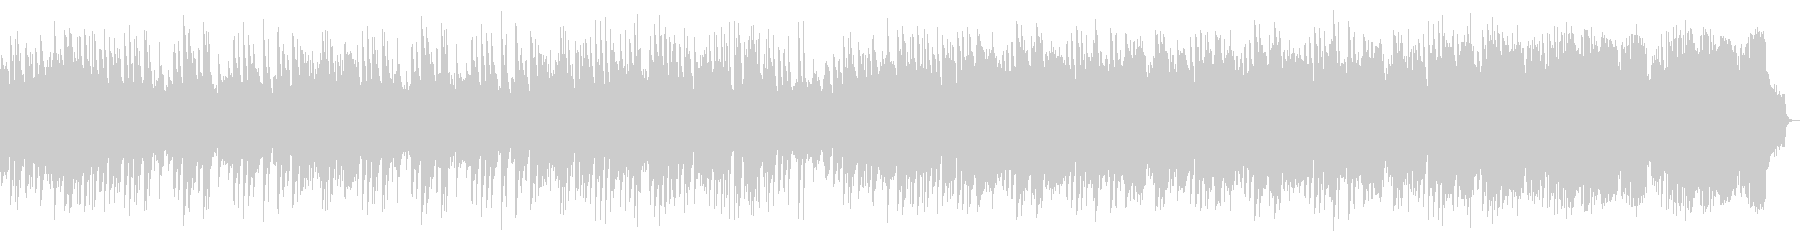 ピアノ中心の哀愁感あるメロディアスワルツの未再生の波形